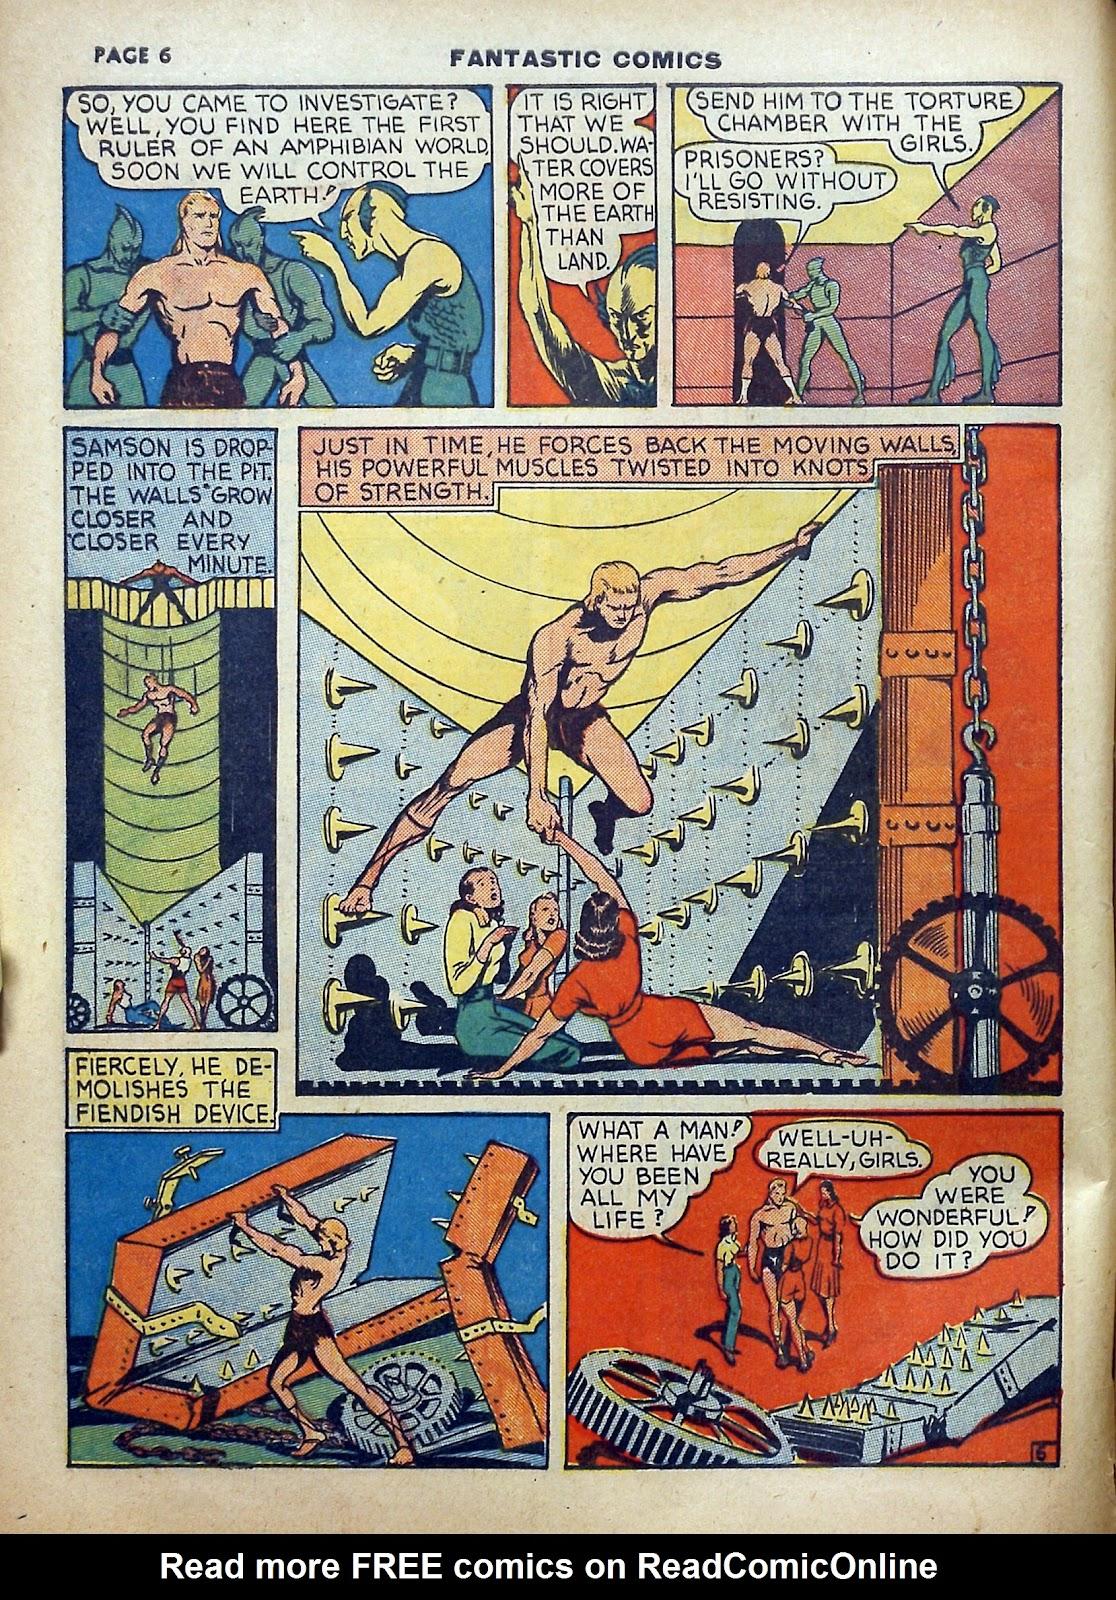 Read online Fantastic Comics comic -  Issue #5 - 7